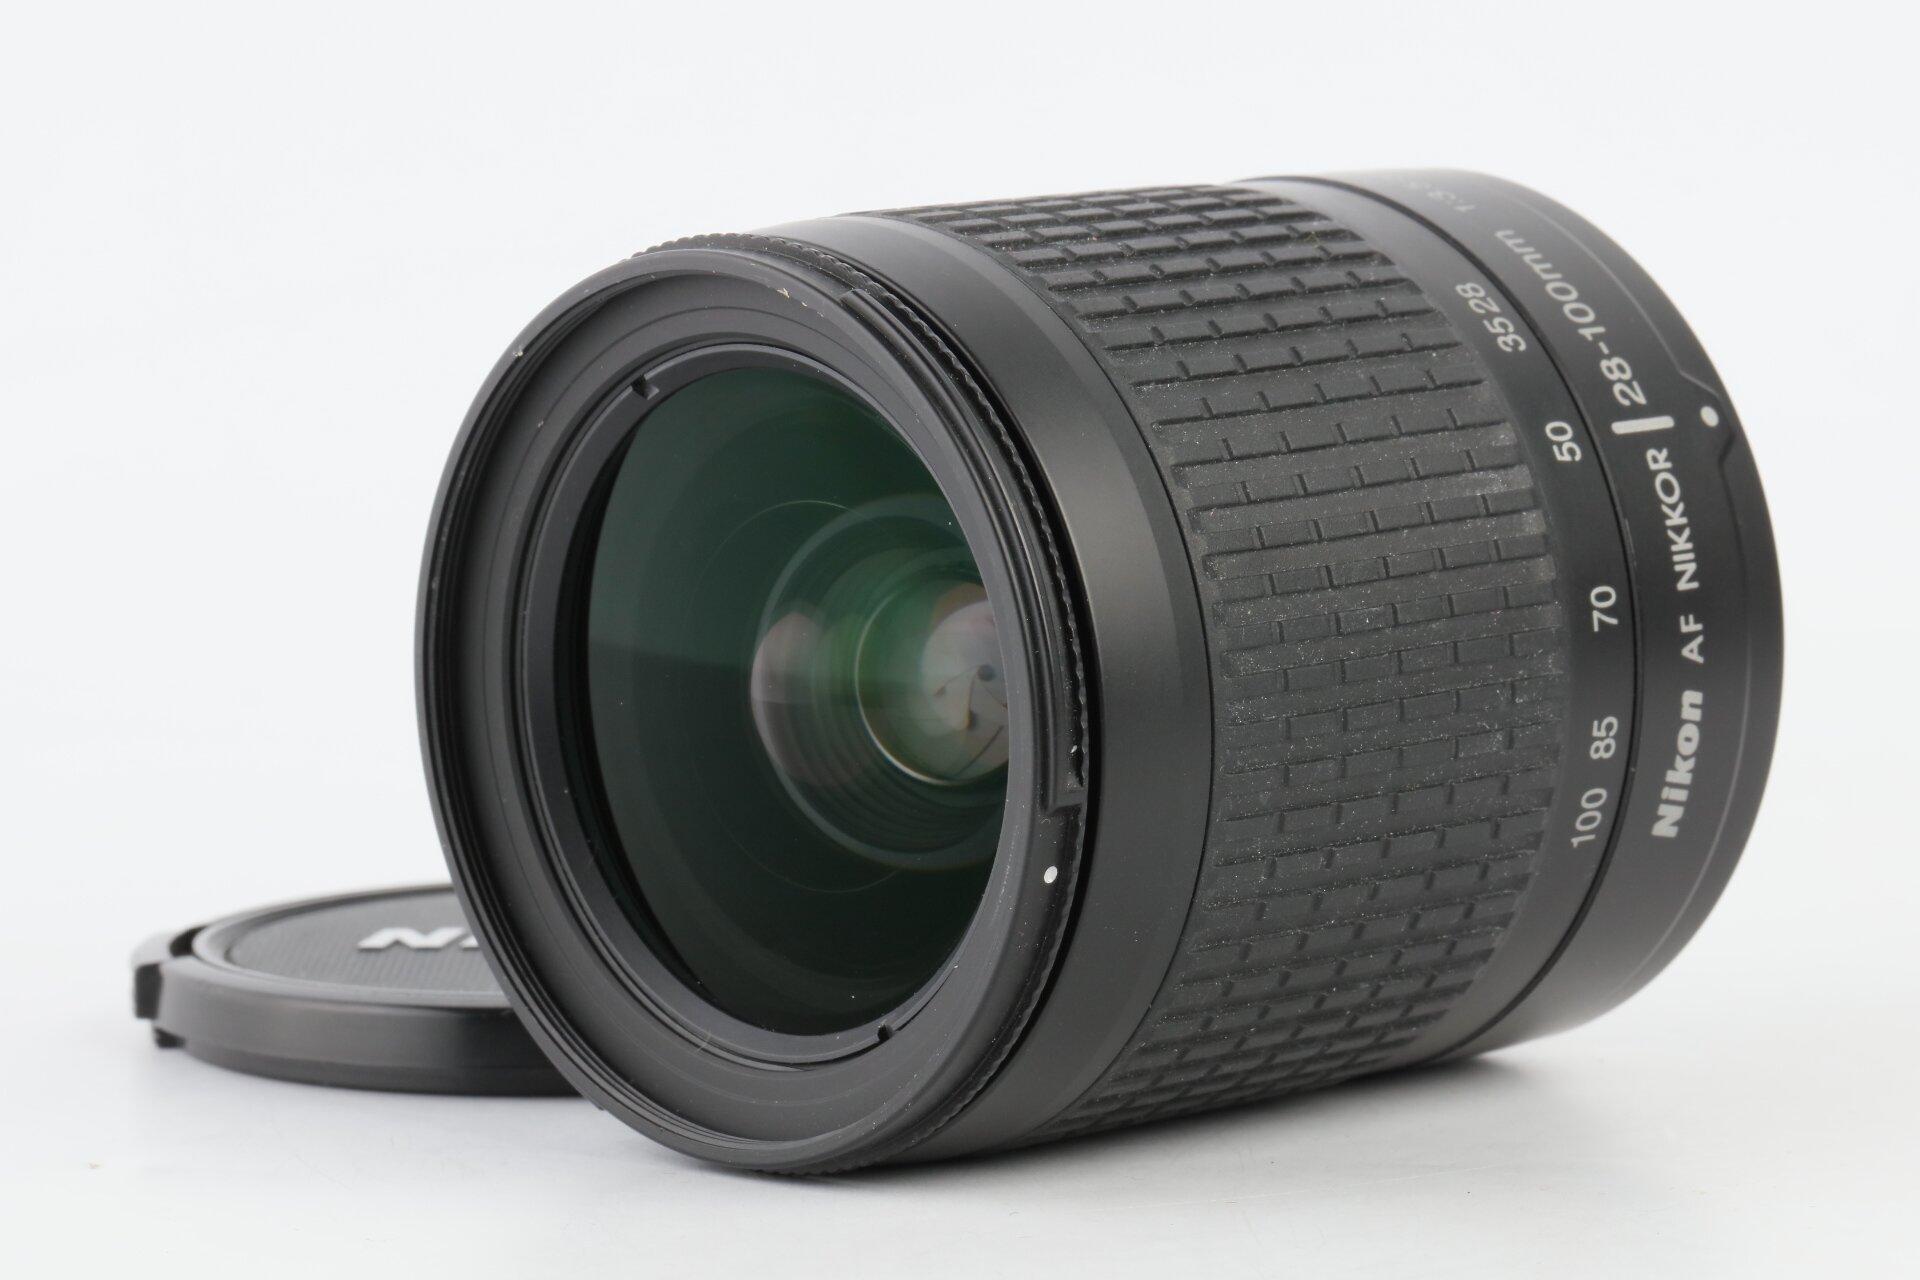 Nikon AF 28-100mm 3,5-5,6 G Nikkor Aspherical